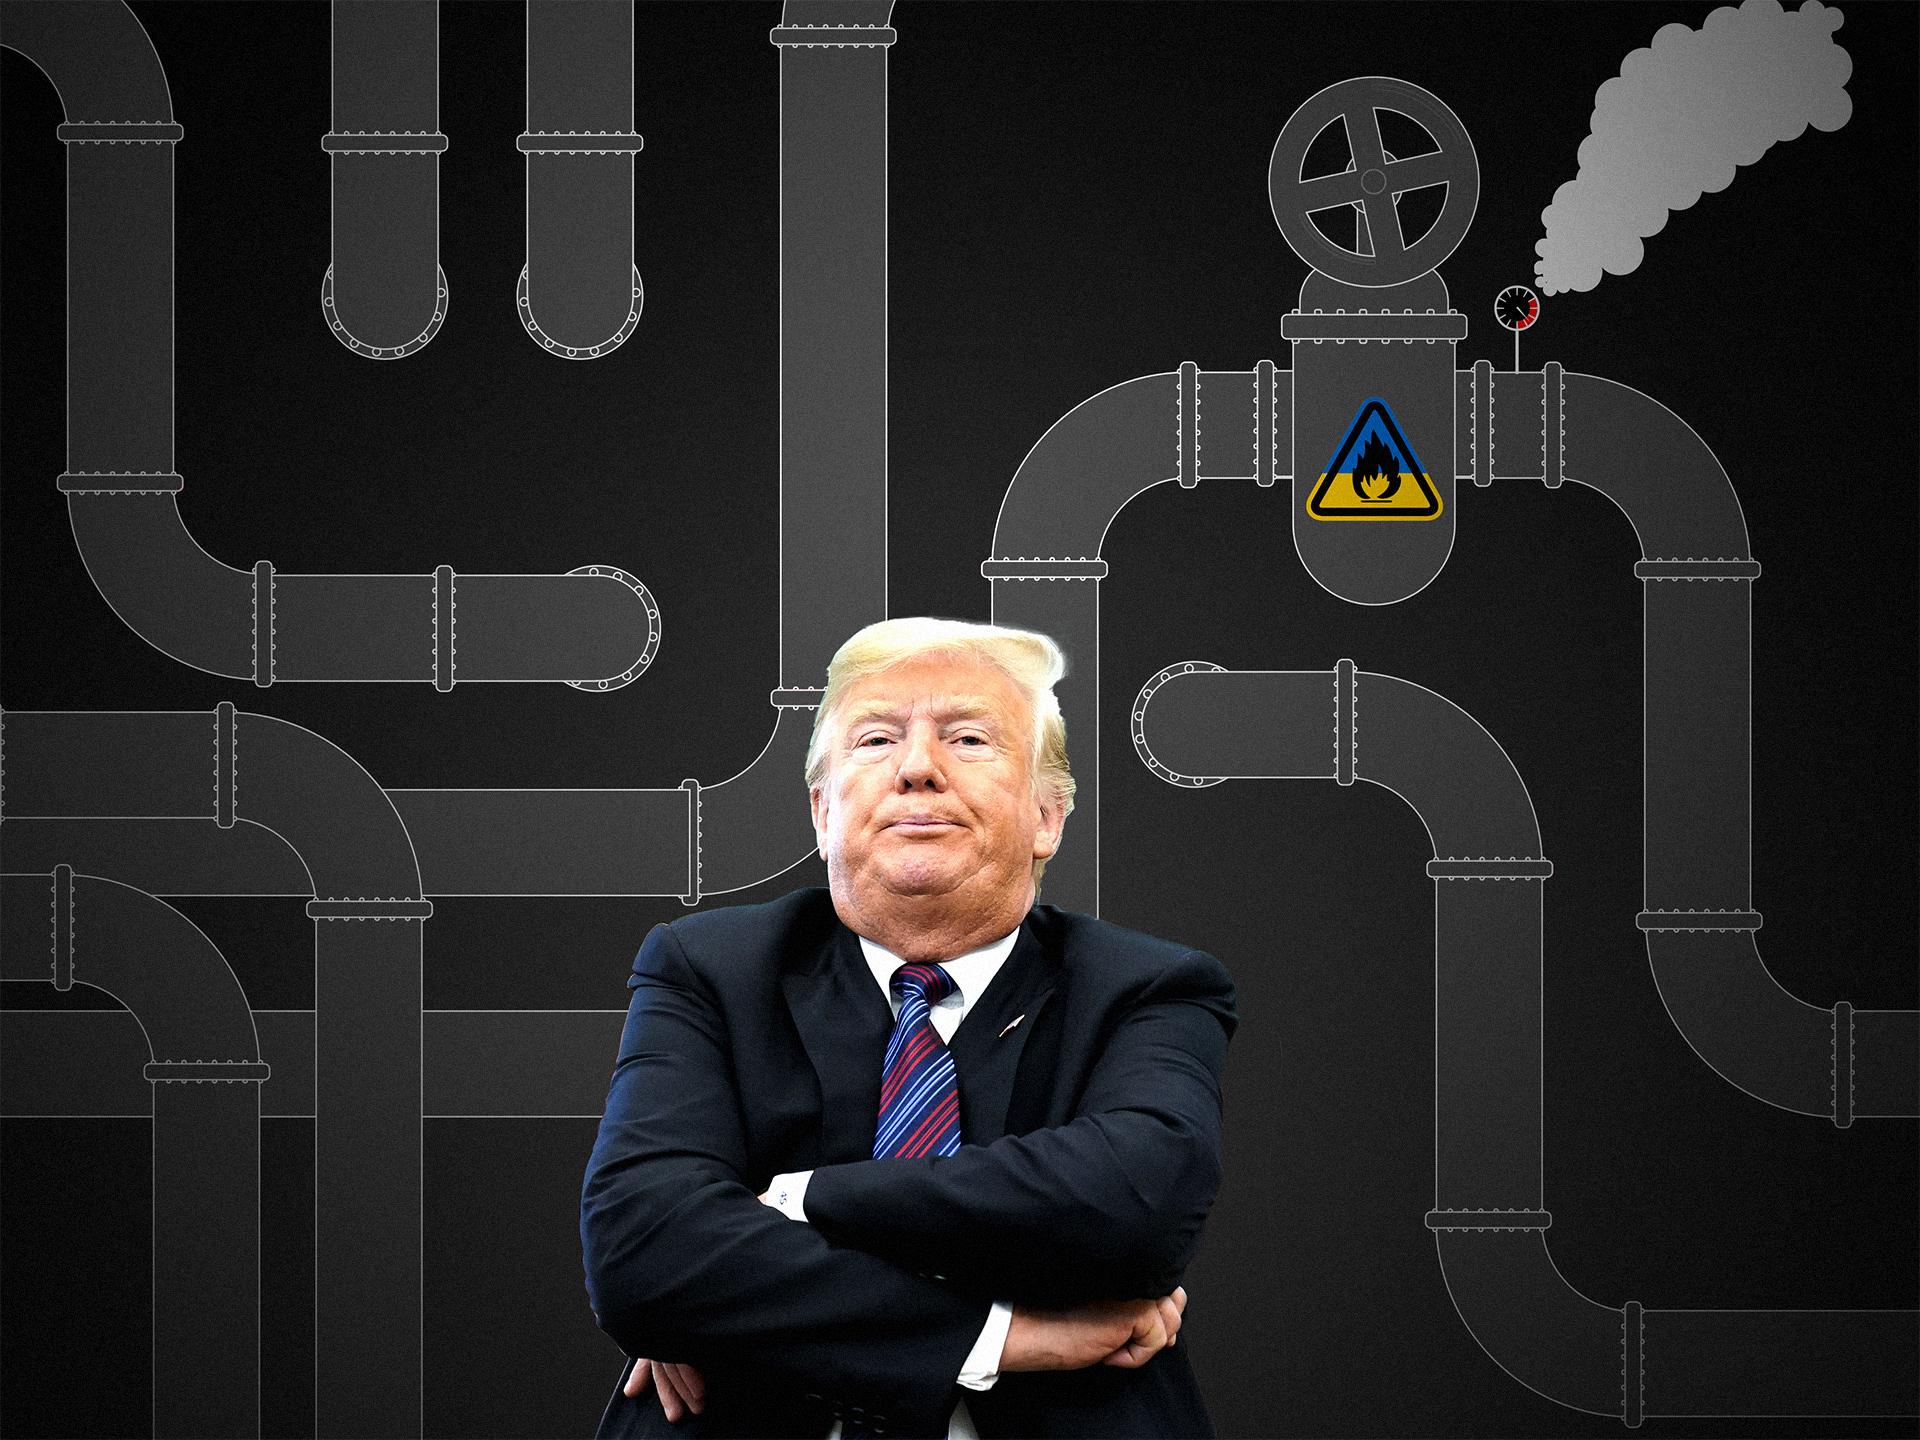 Így keveredett bele az ukrán gázmaffia háborújába Amerika